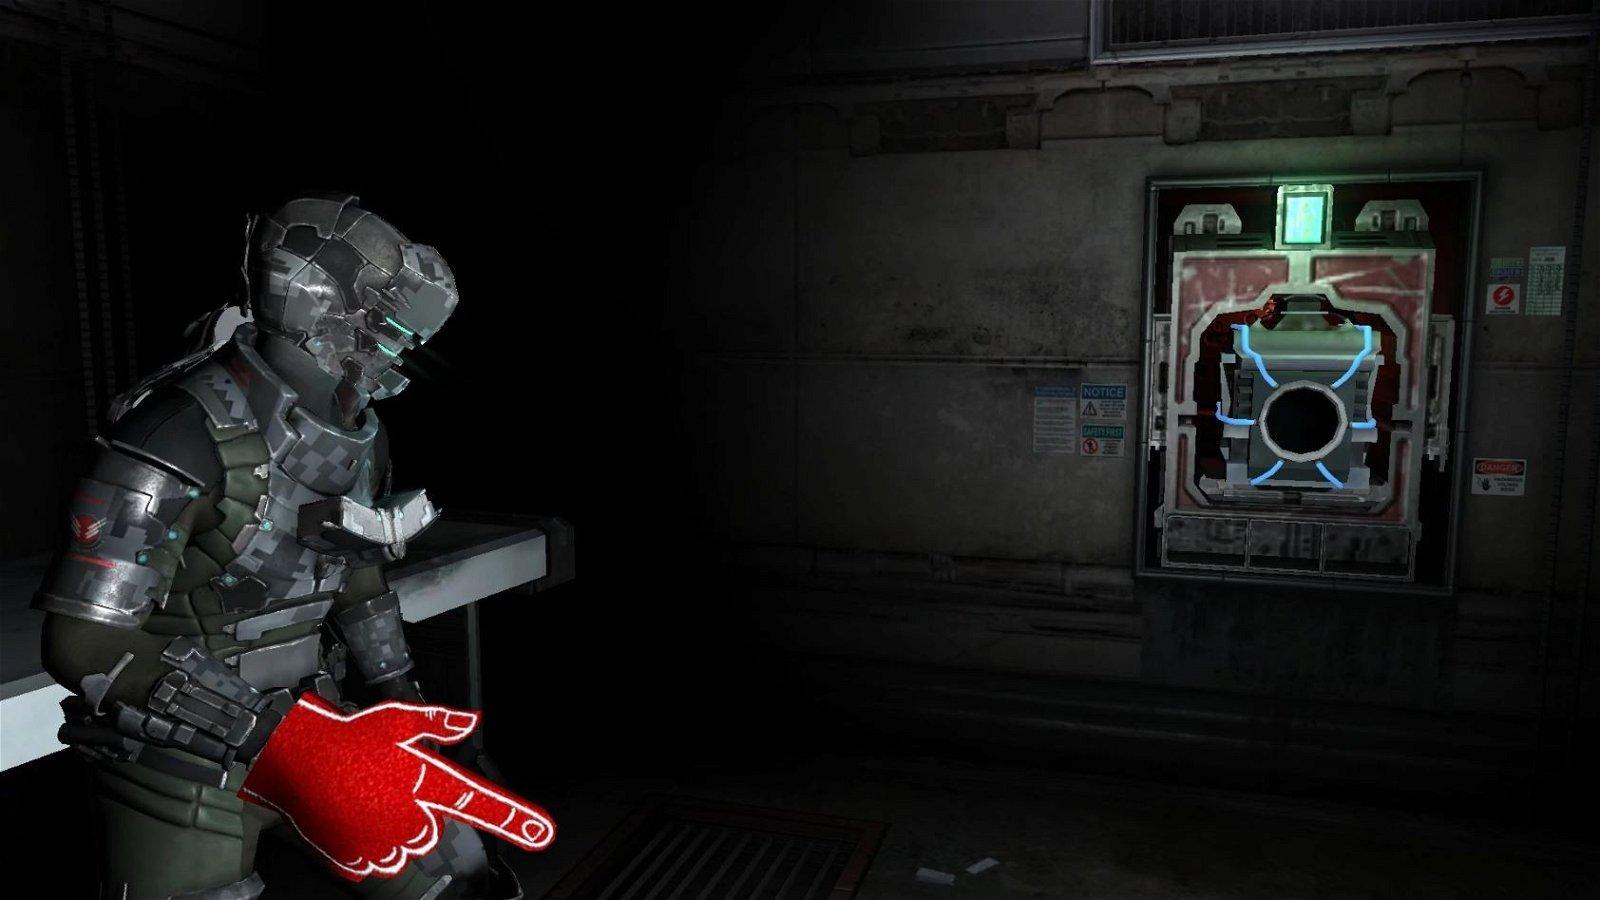 Las armas más estúpidas de los videojuegos que al final resultaban útiles